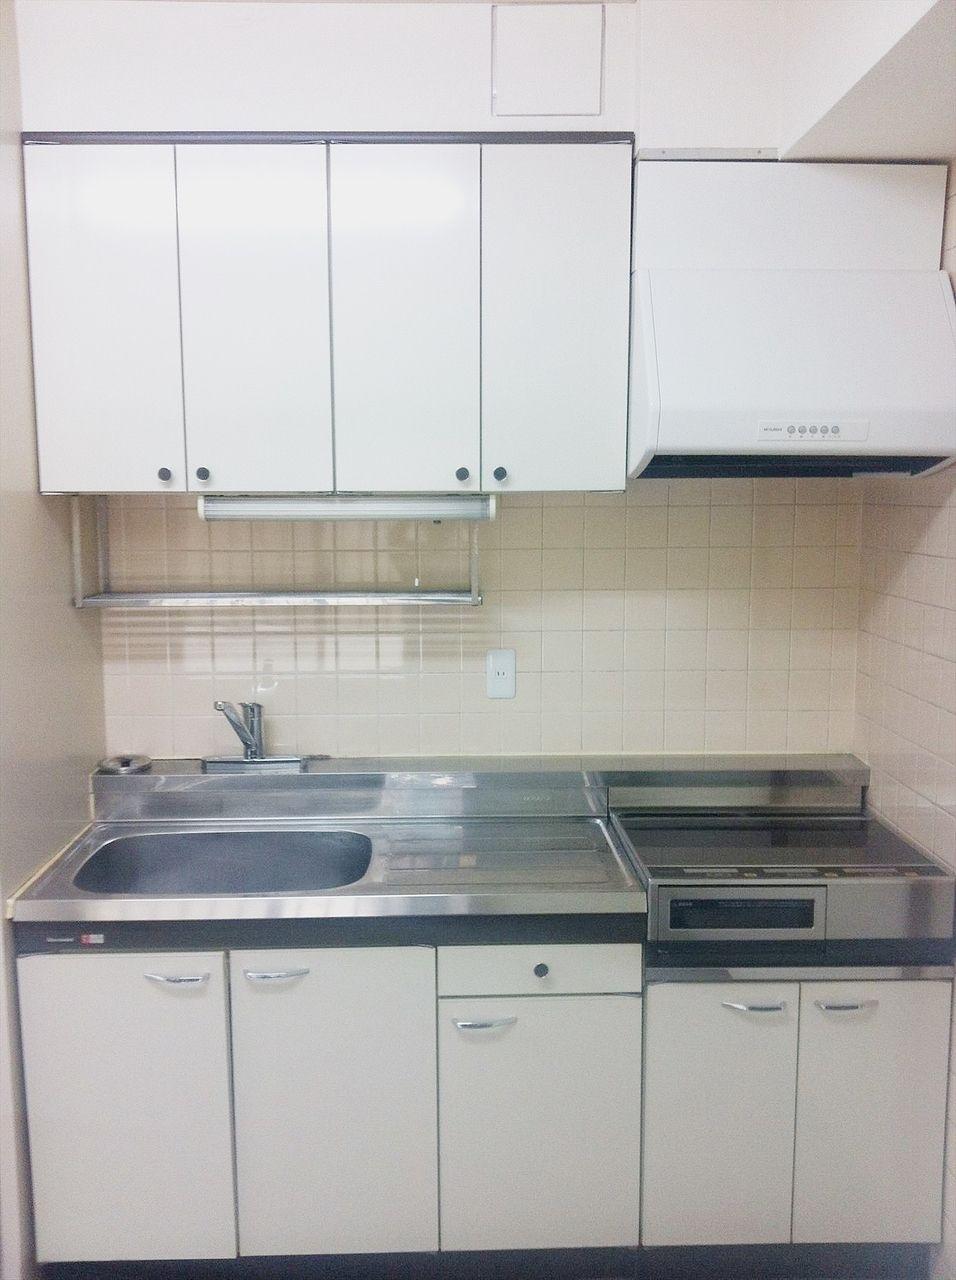 池袋の貸事務所 アゼリア青新ビルのキッチンです。電気コンロ付